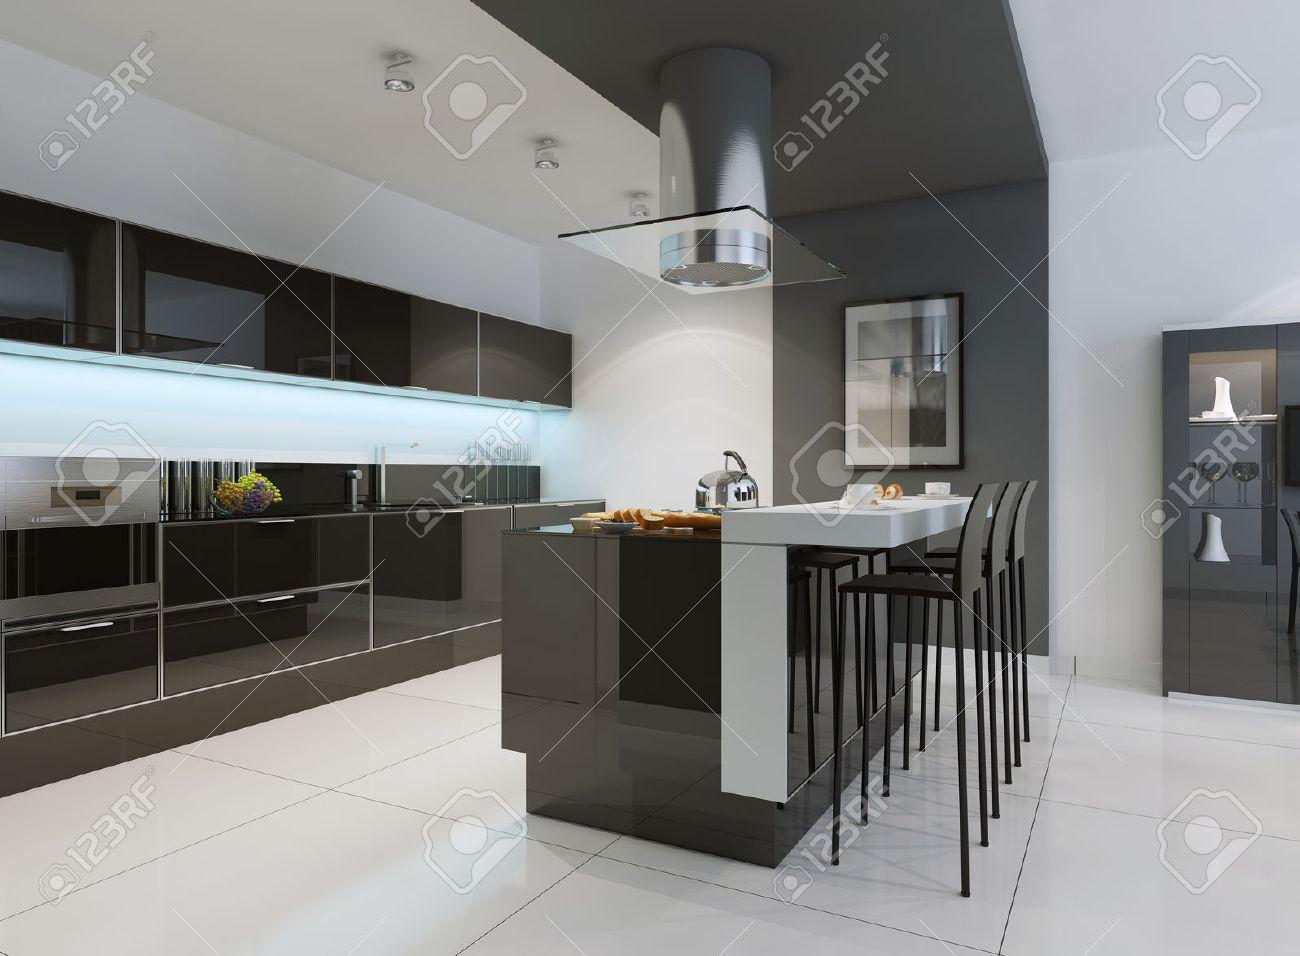 Idée de cuisine minimaliste. Cuisine moderne avec un évier encastré,  armoires à écran plat, d\'armoires de ton noir et appareils lambrissés. 3D  ...